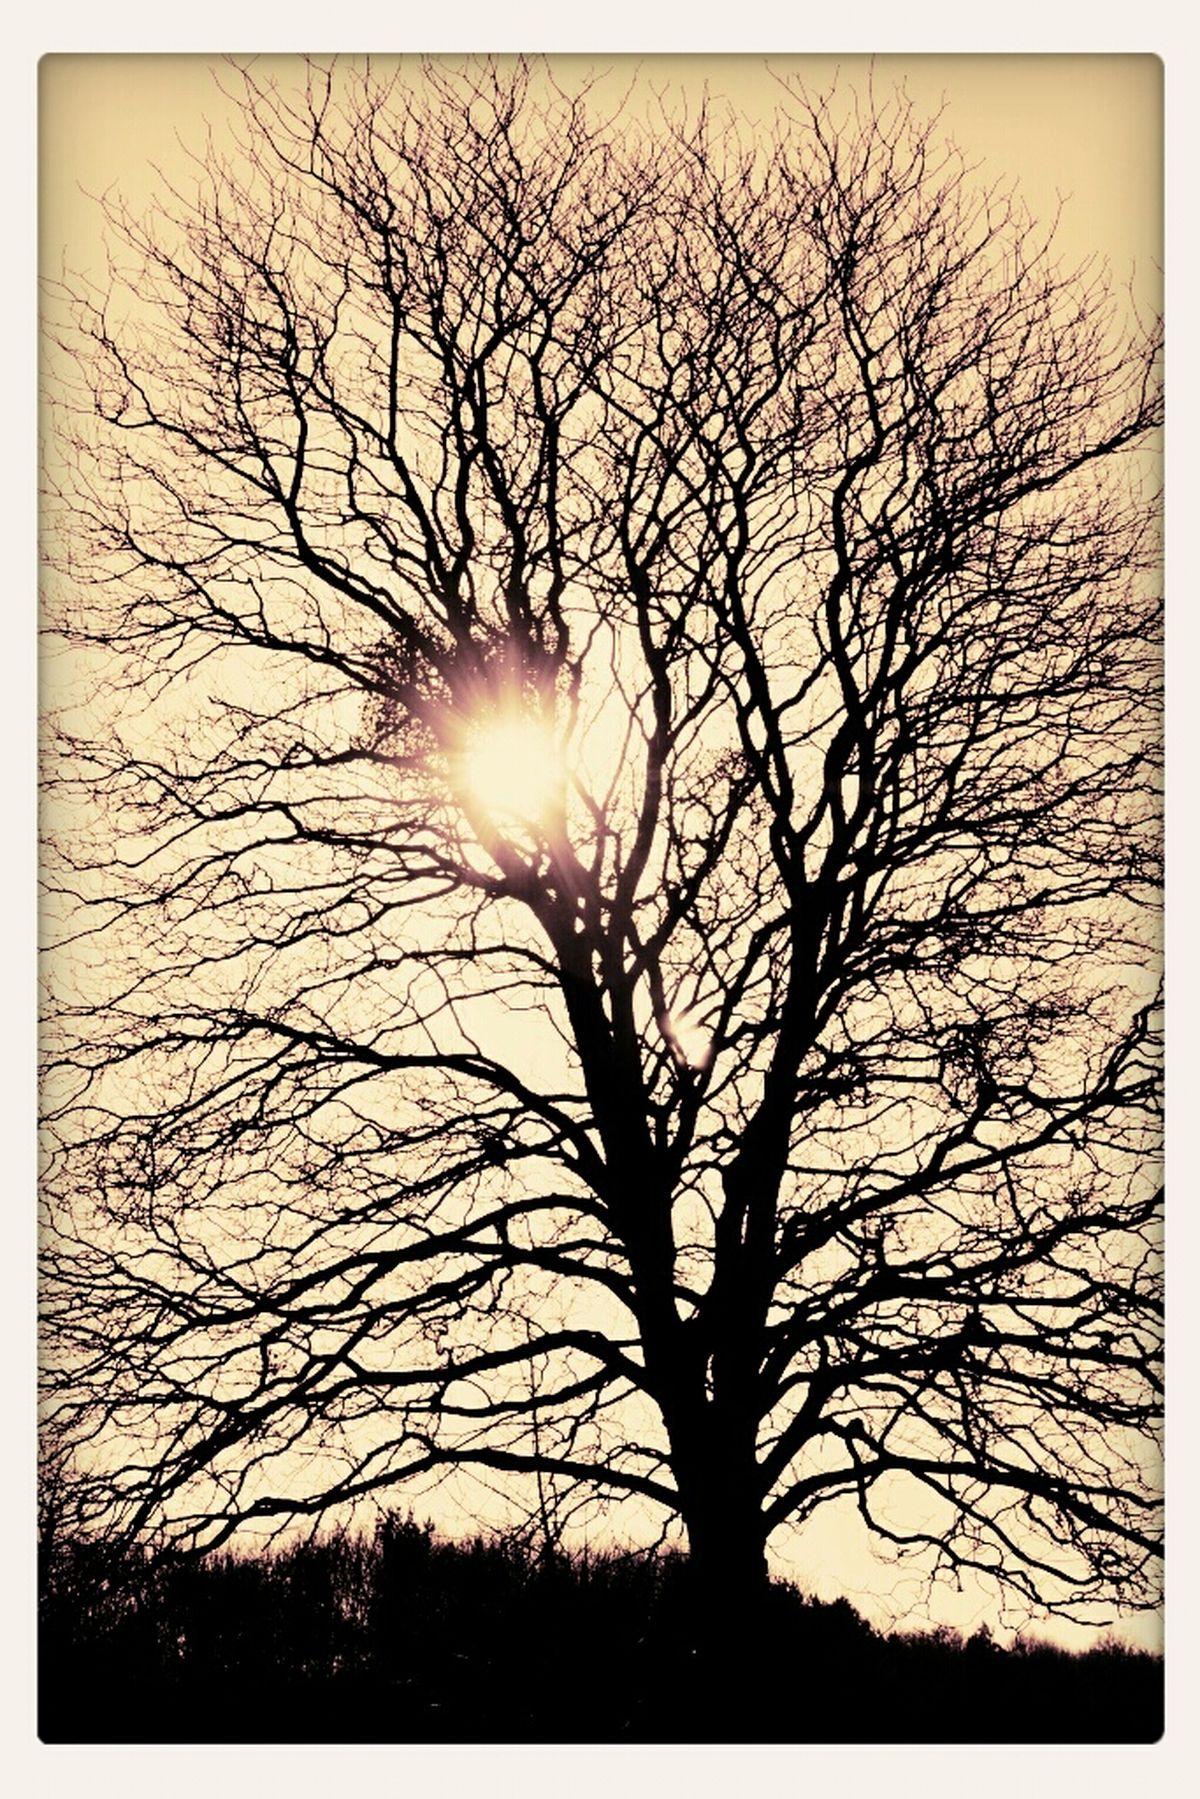 TreePorn Essex Eye4photography  EyeEm Best Shots - Black + White